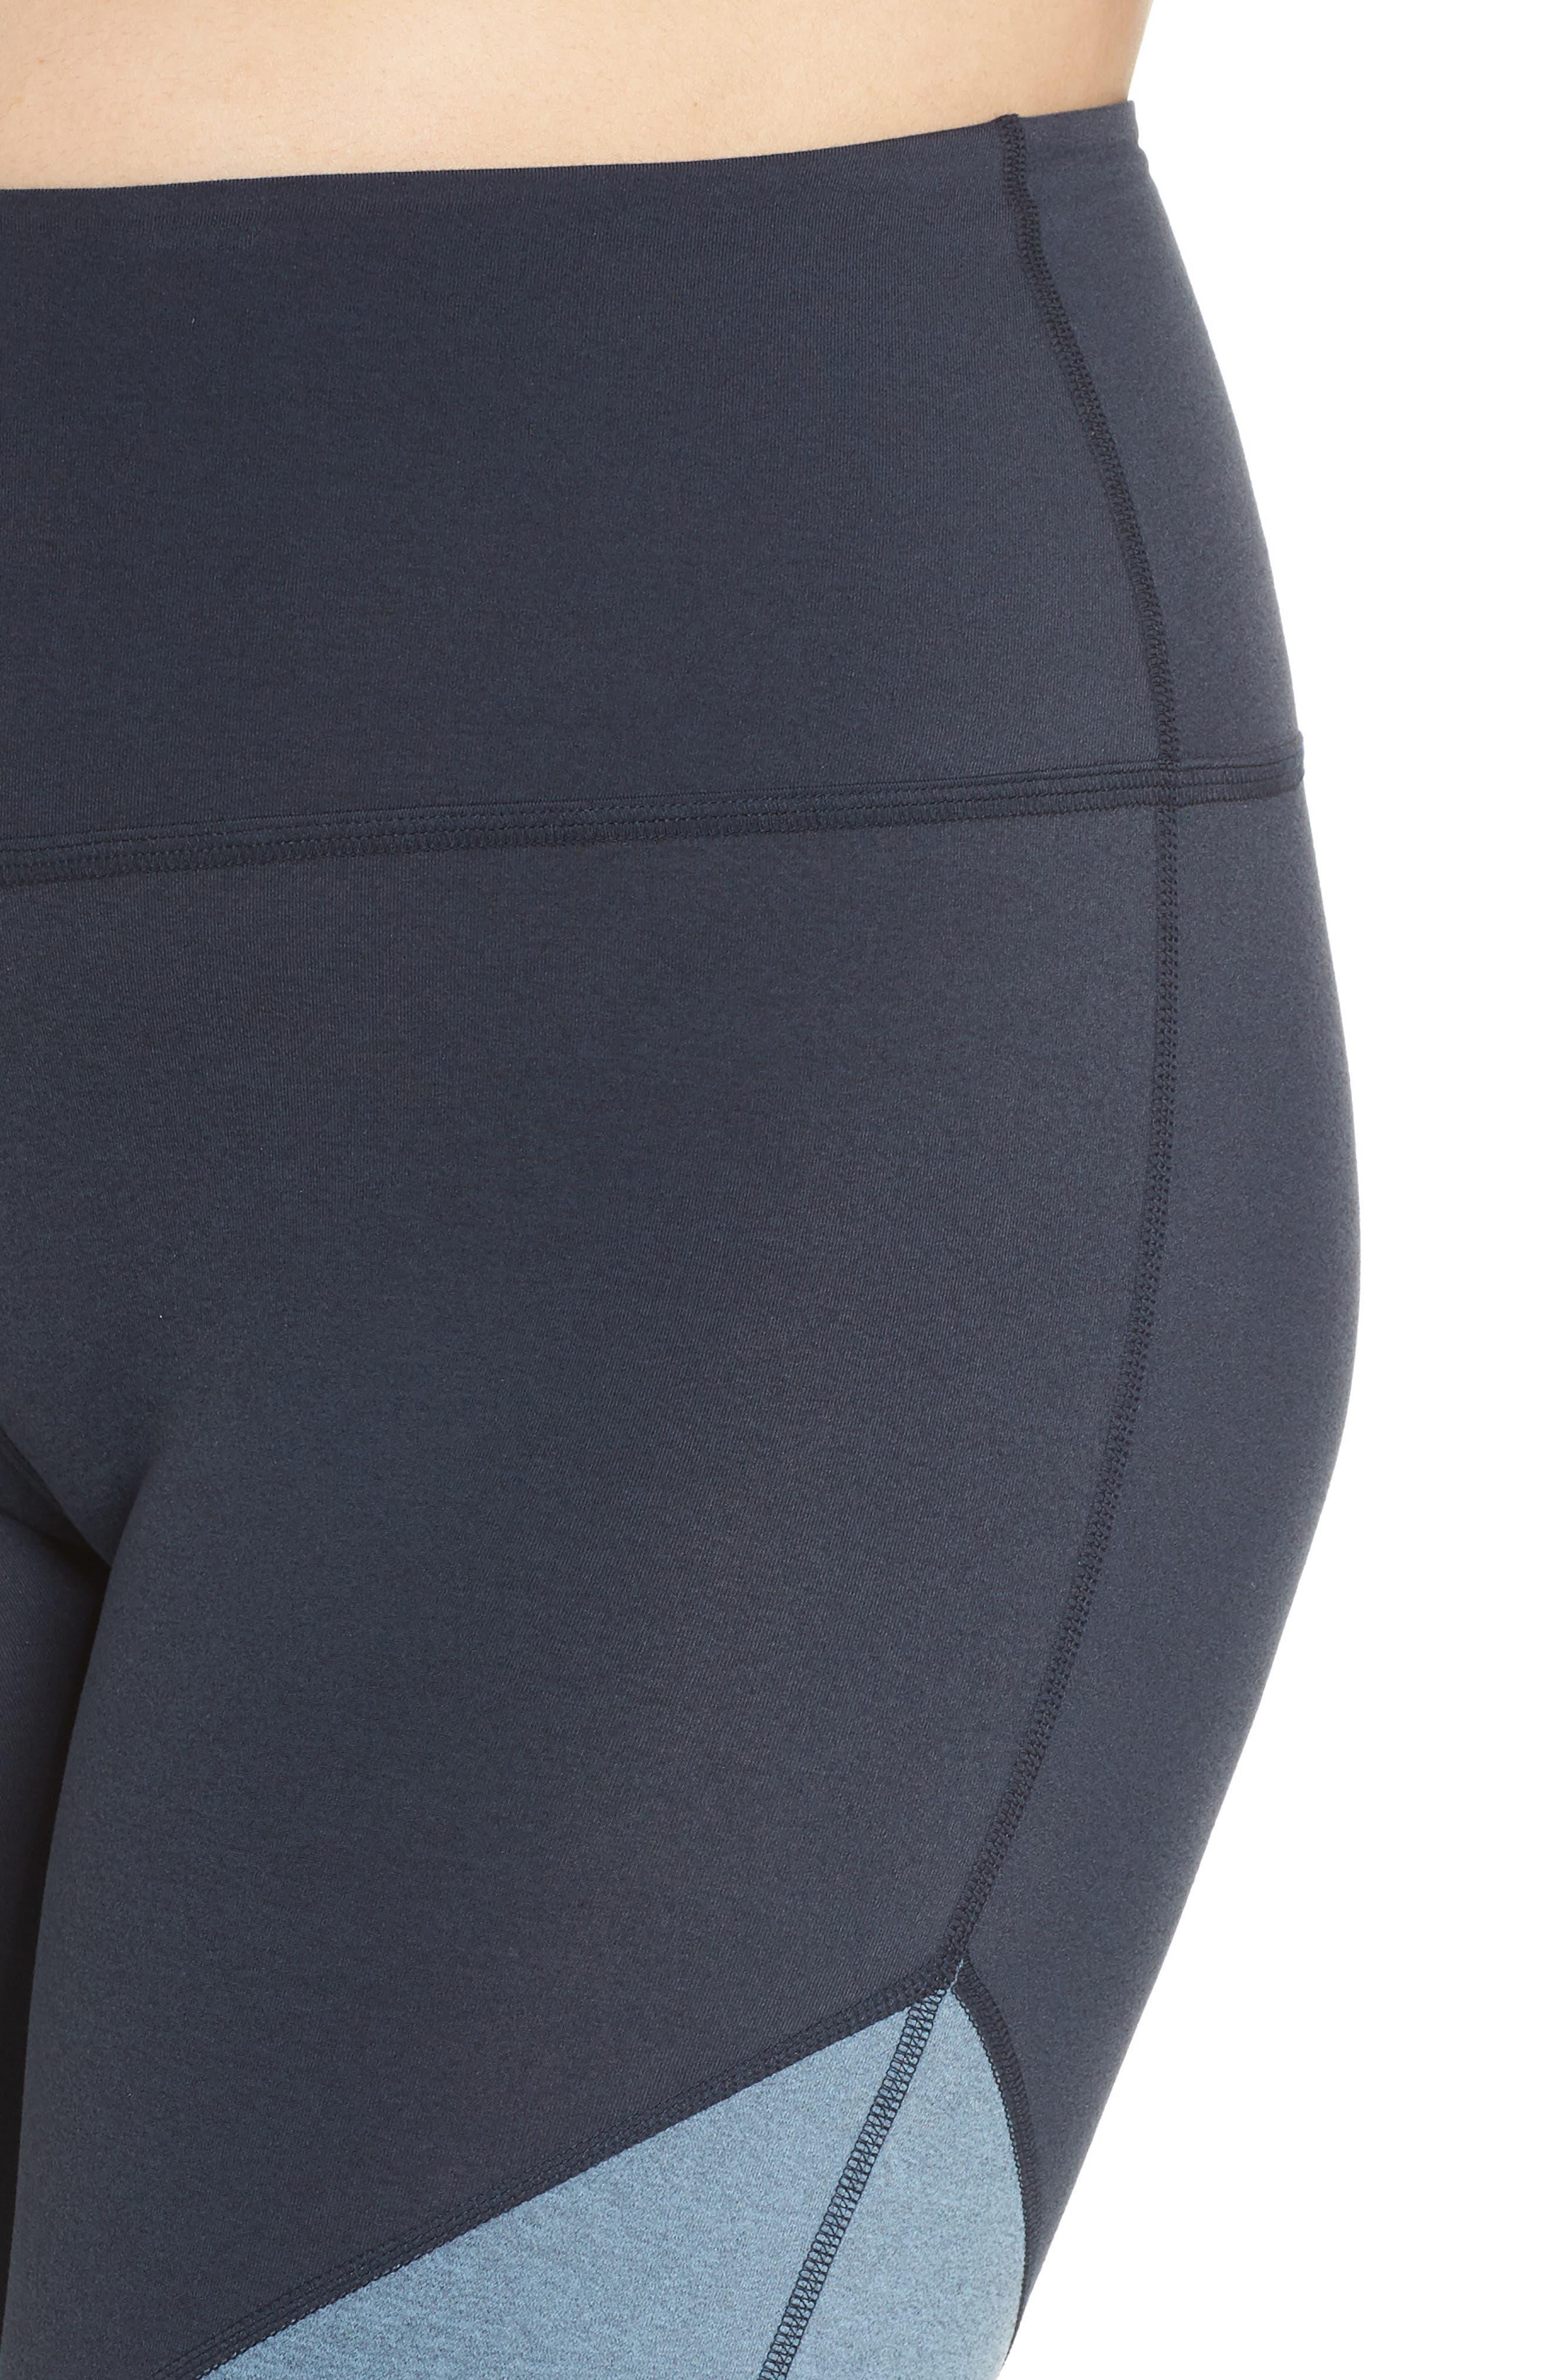 Plush High Waist Midi Leggings,                             Alternate thumbnail 4, color,                             NOCTURNAL NAVY/ LIGHT BLUE